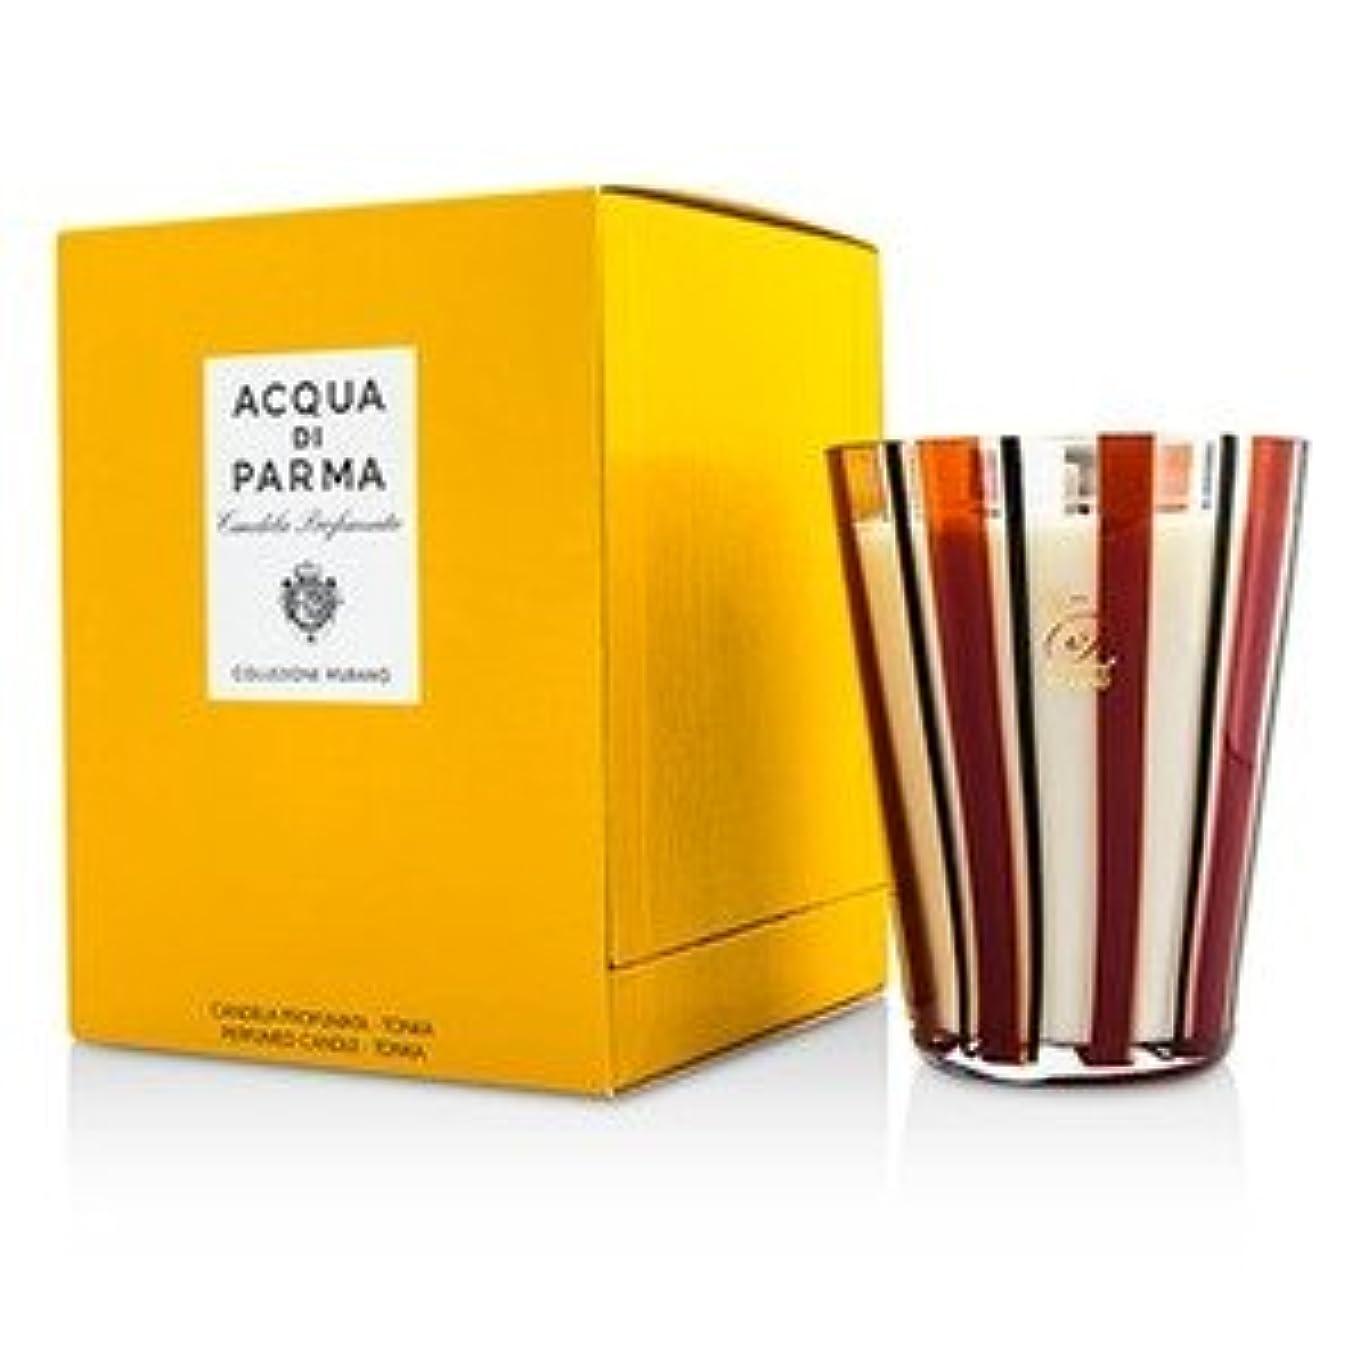 サークル湿気の多い市区町村アクア ディ パルマ[Acqua Di Parma] ムラノ グラス パフューム キャンドル - Tonka 200g/7.05oz [並行輸入品]